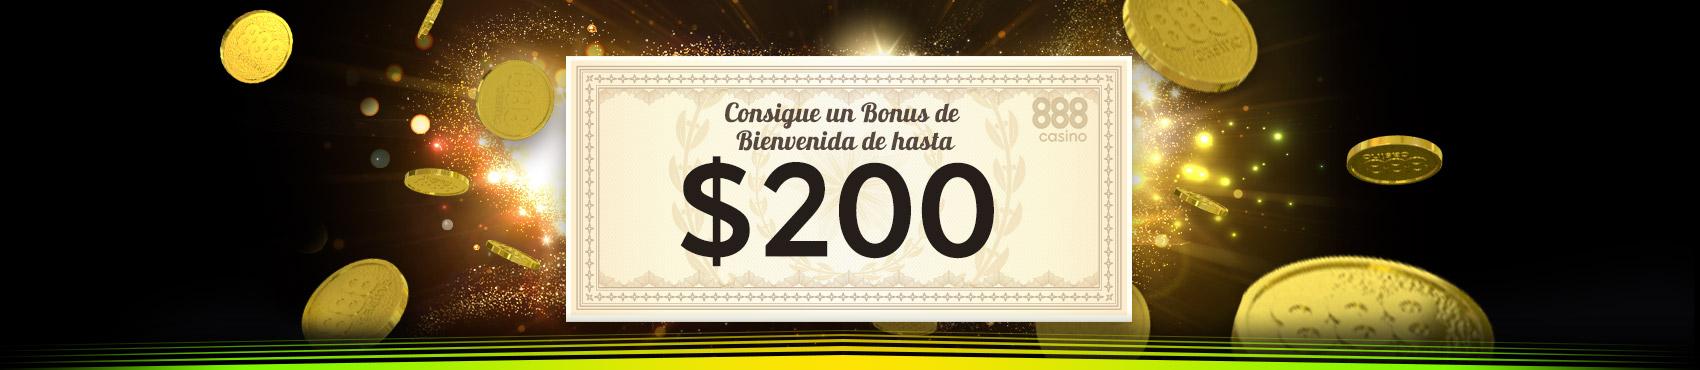 Bono bienvenida 888 casino $200